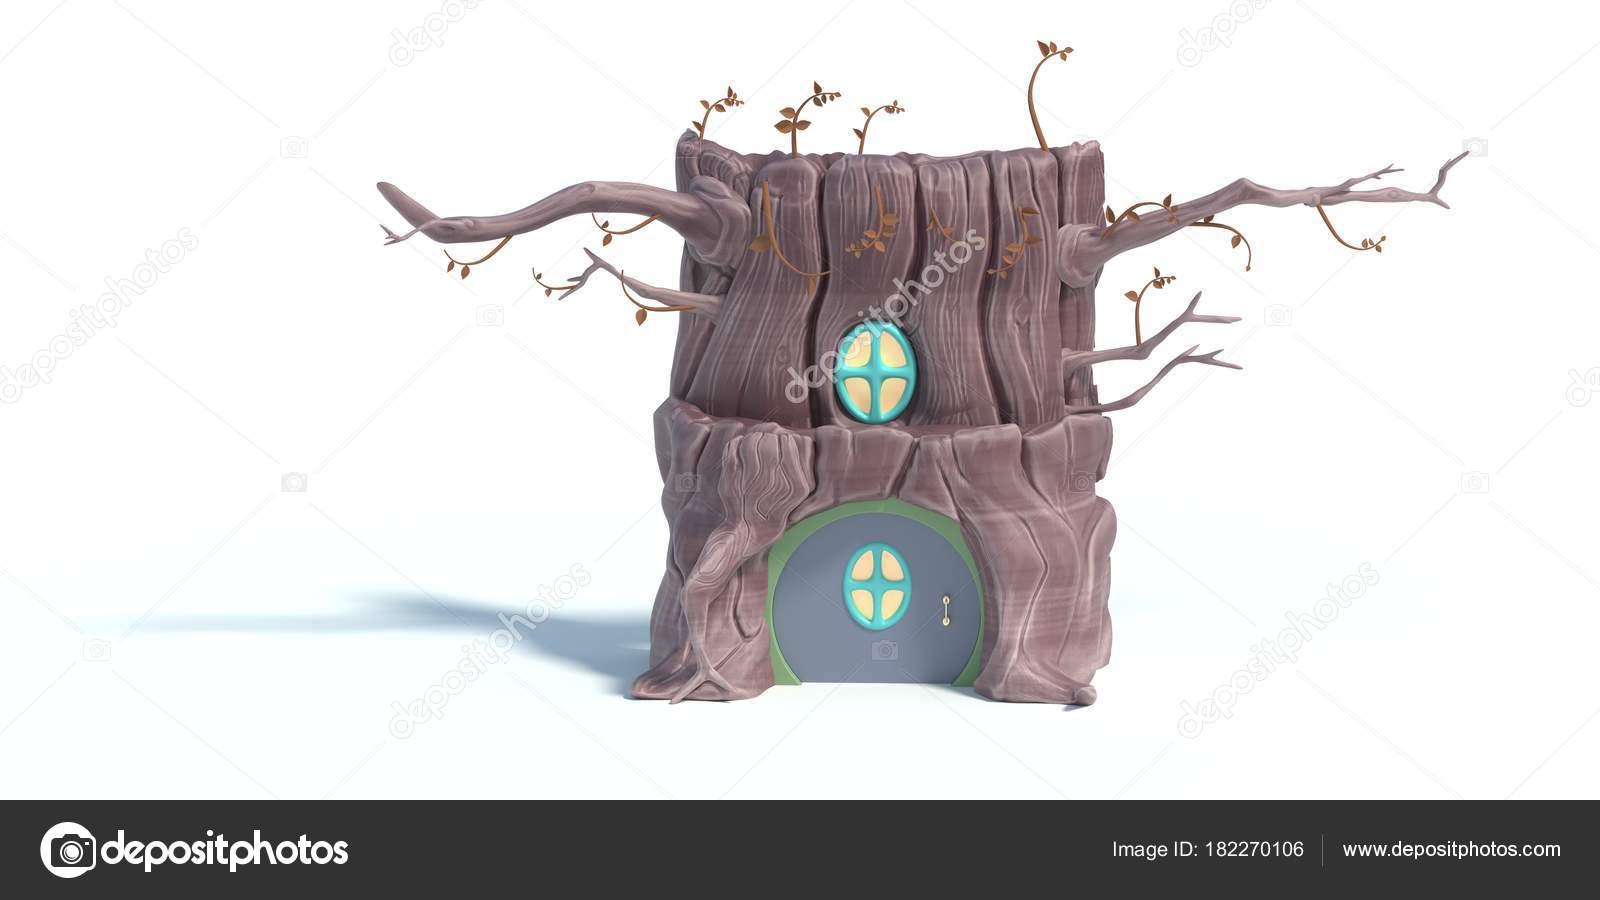 Rendu 3d de dessin animé maison de larbre isolé sur fond blanc terrier décureuil stylisé accueil à lintérieur du tronc darbre avec petite porte